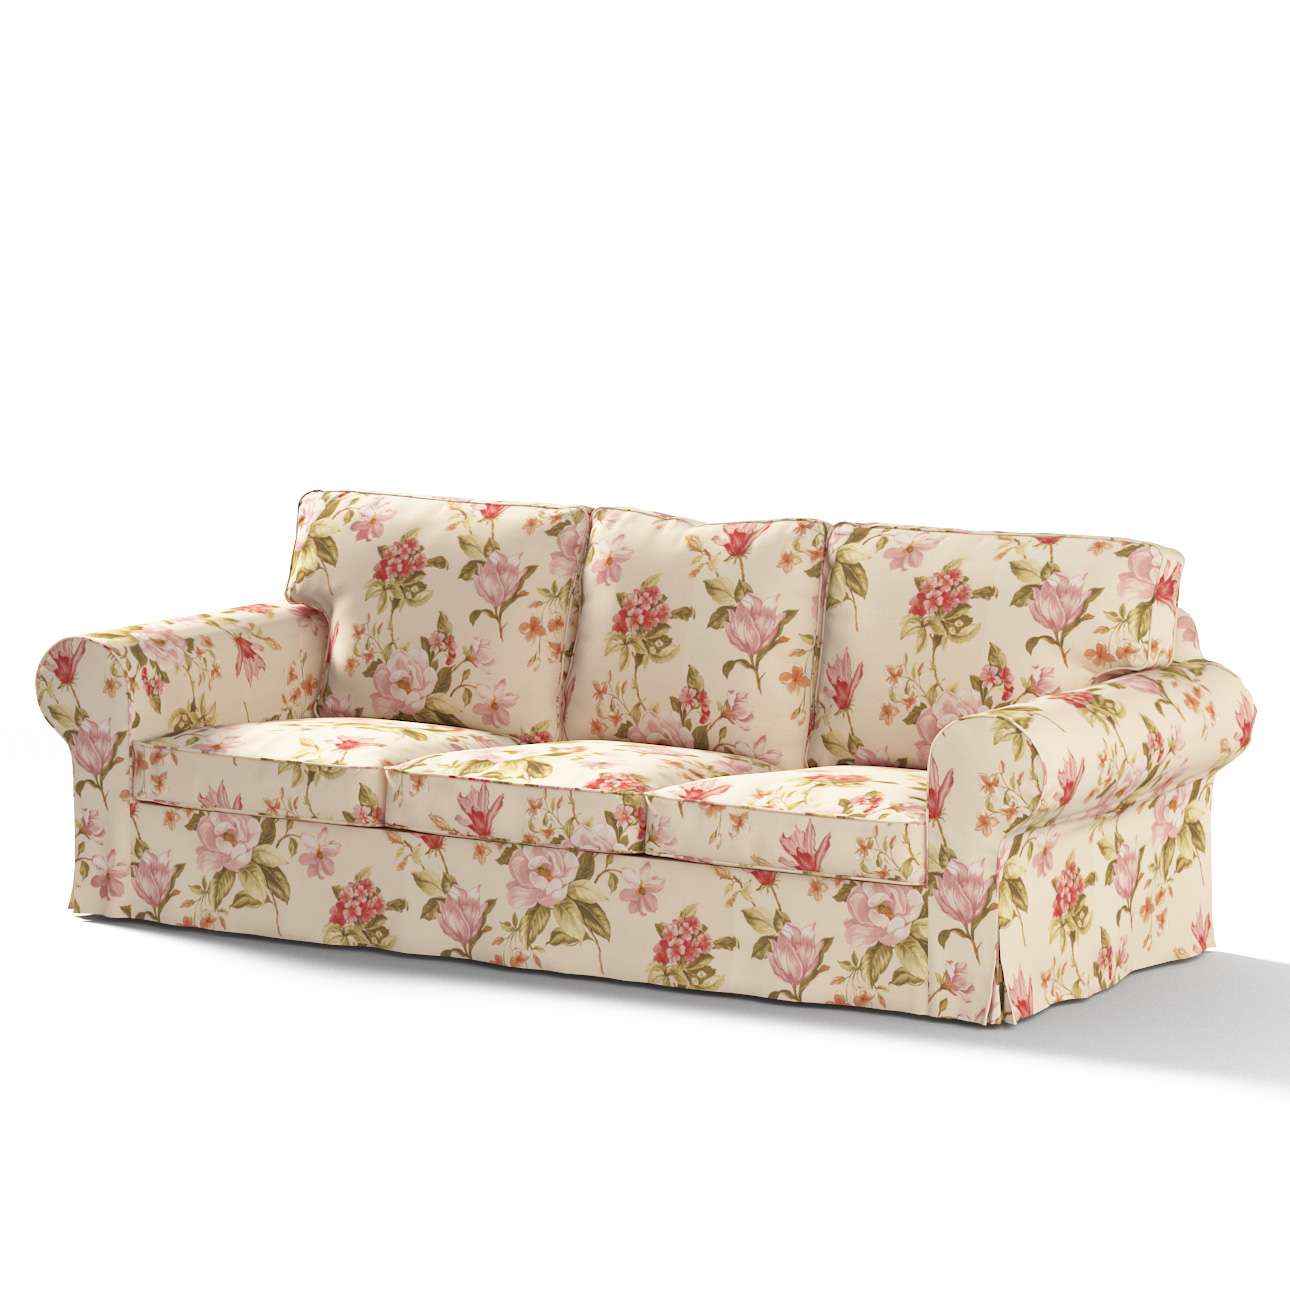 Pokrowiec na sofę Ektorp 3-osobową, rozkładaną, PIXBO w kolekcji Londres, tkanina: 123-05